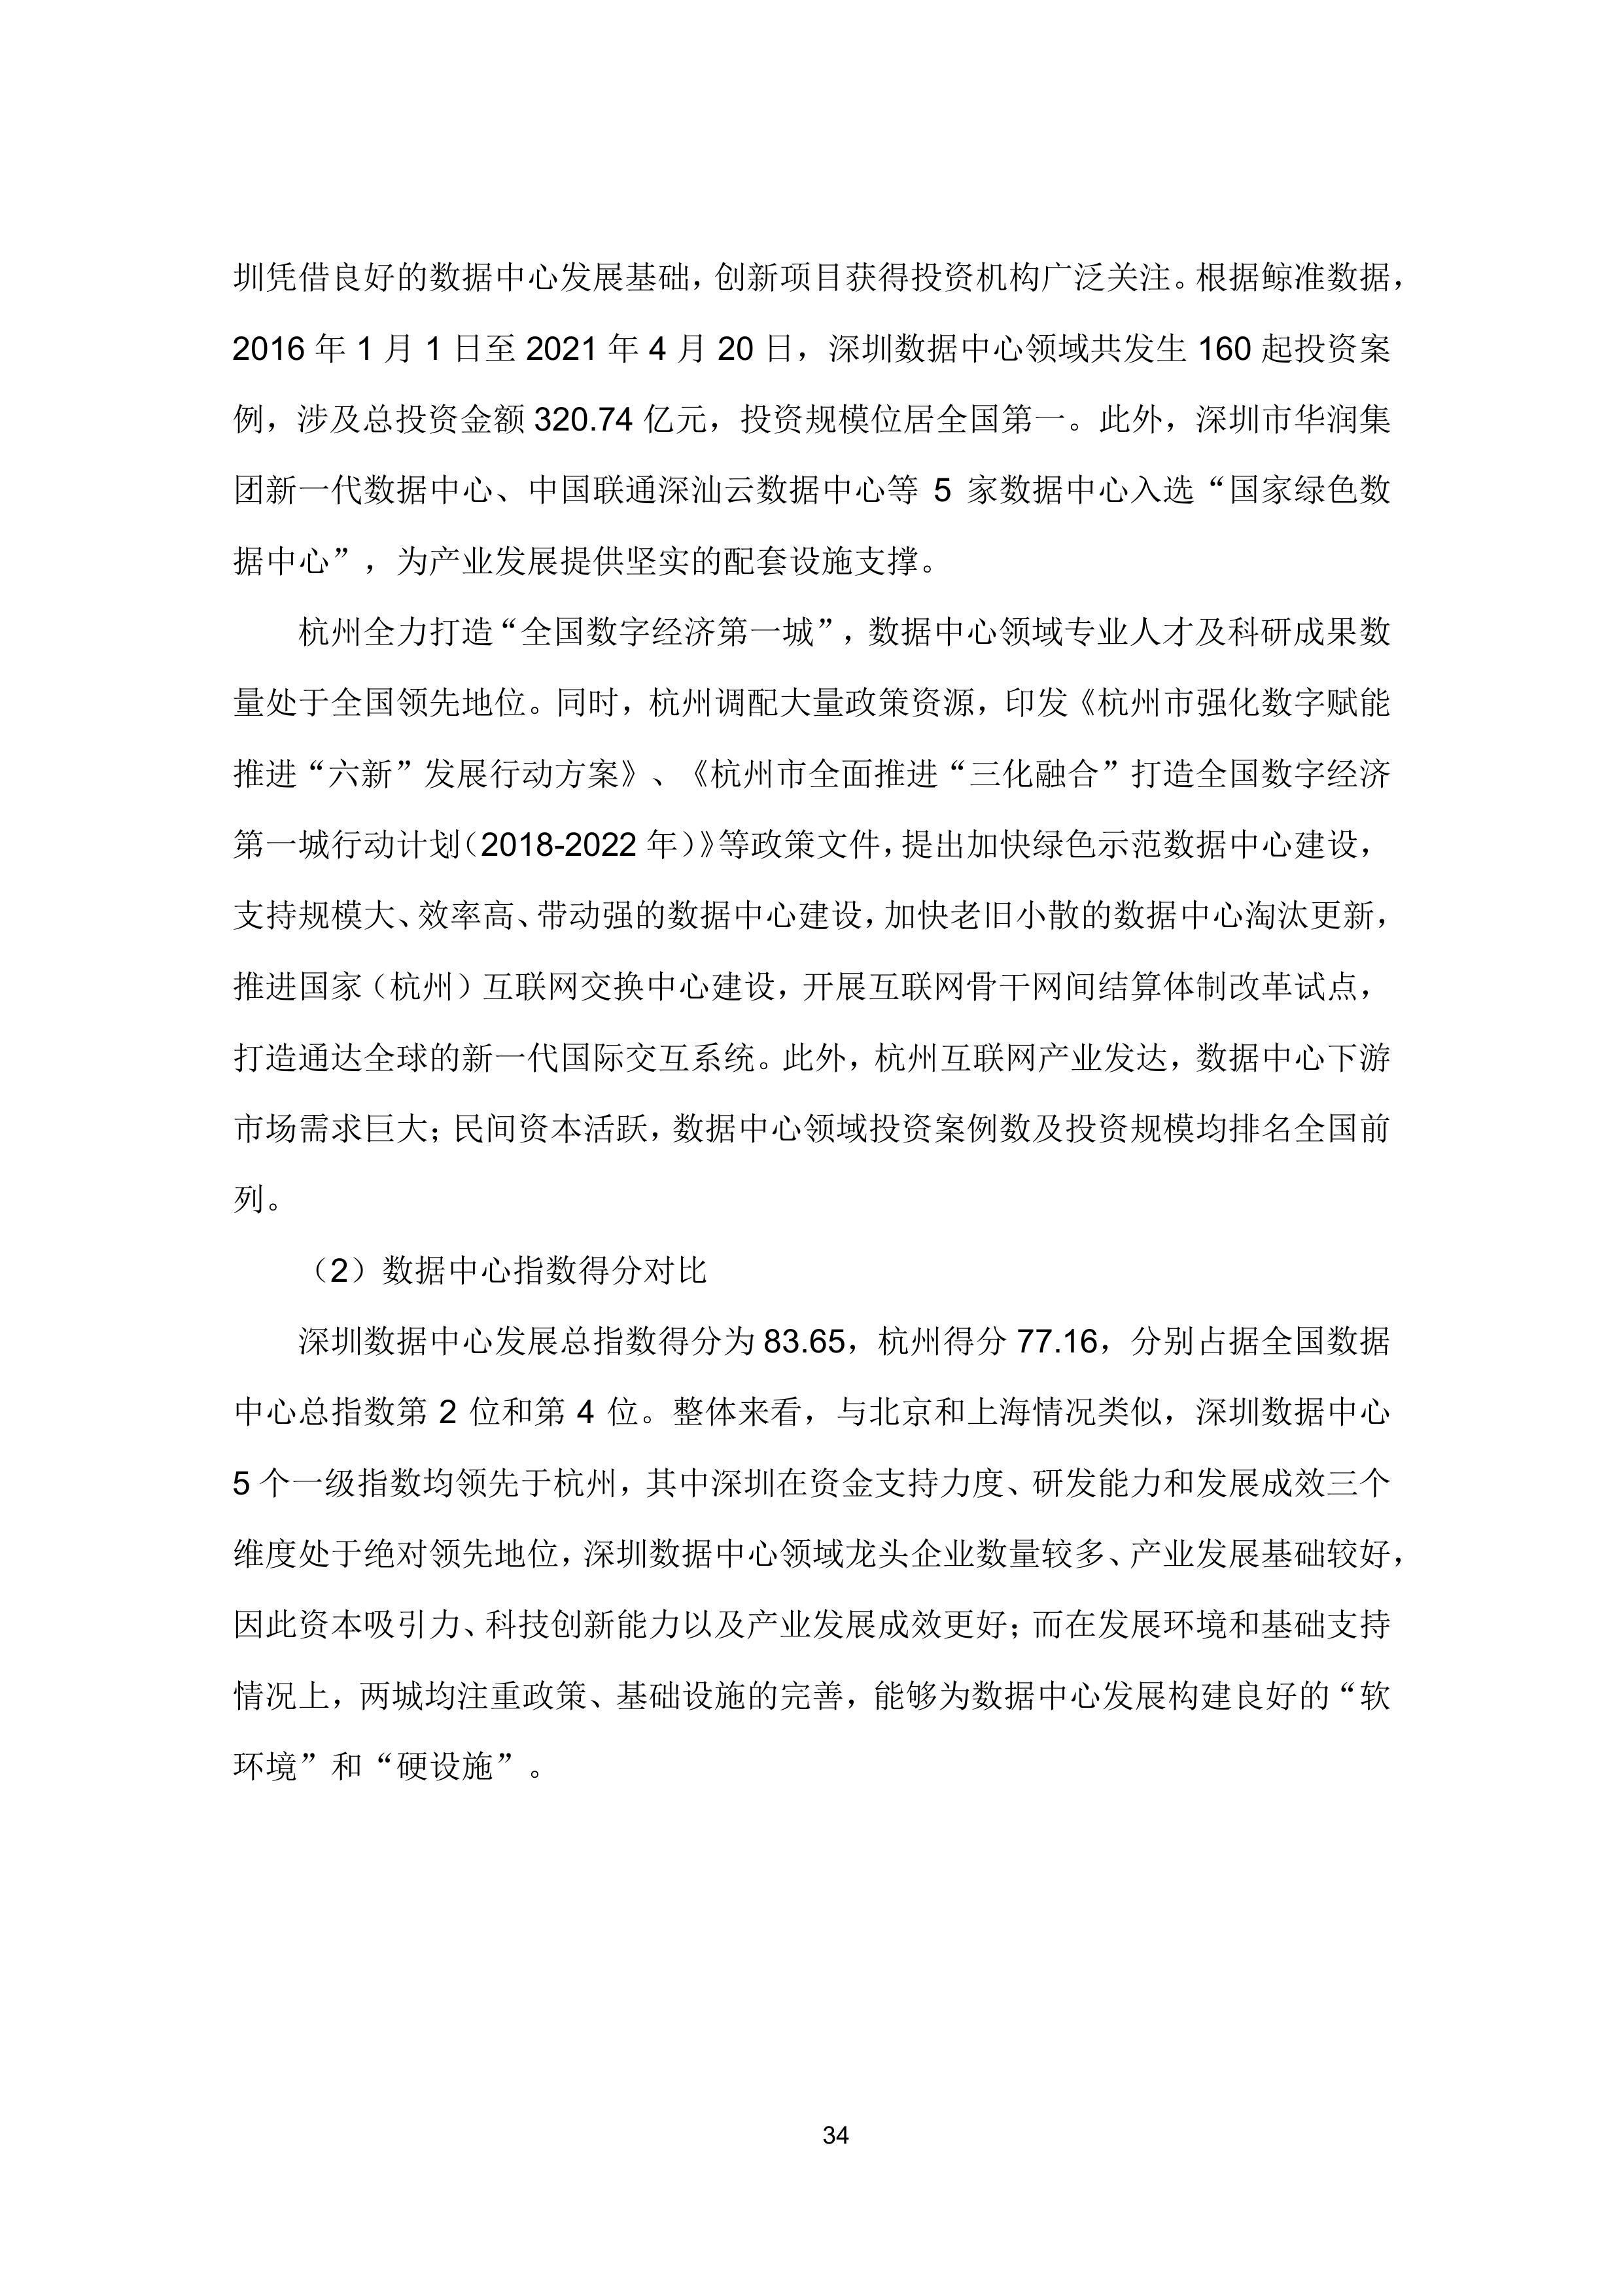 36氪研究院 - 新基建系列之:2020年中国城市数据中心发展指数报告-大菠萝官网(图45)